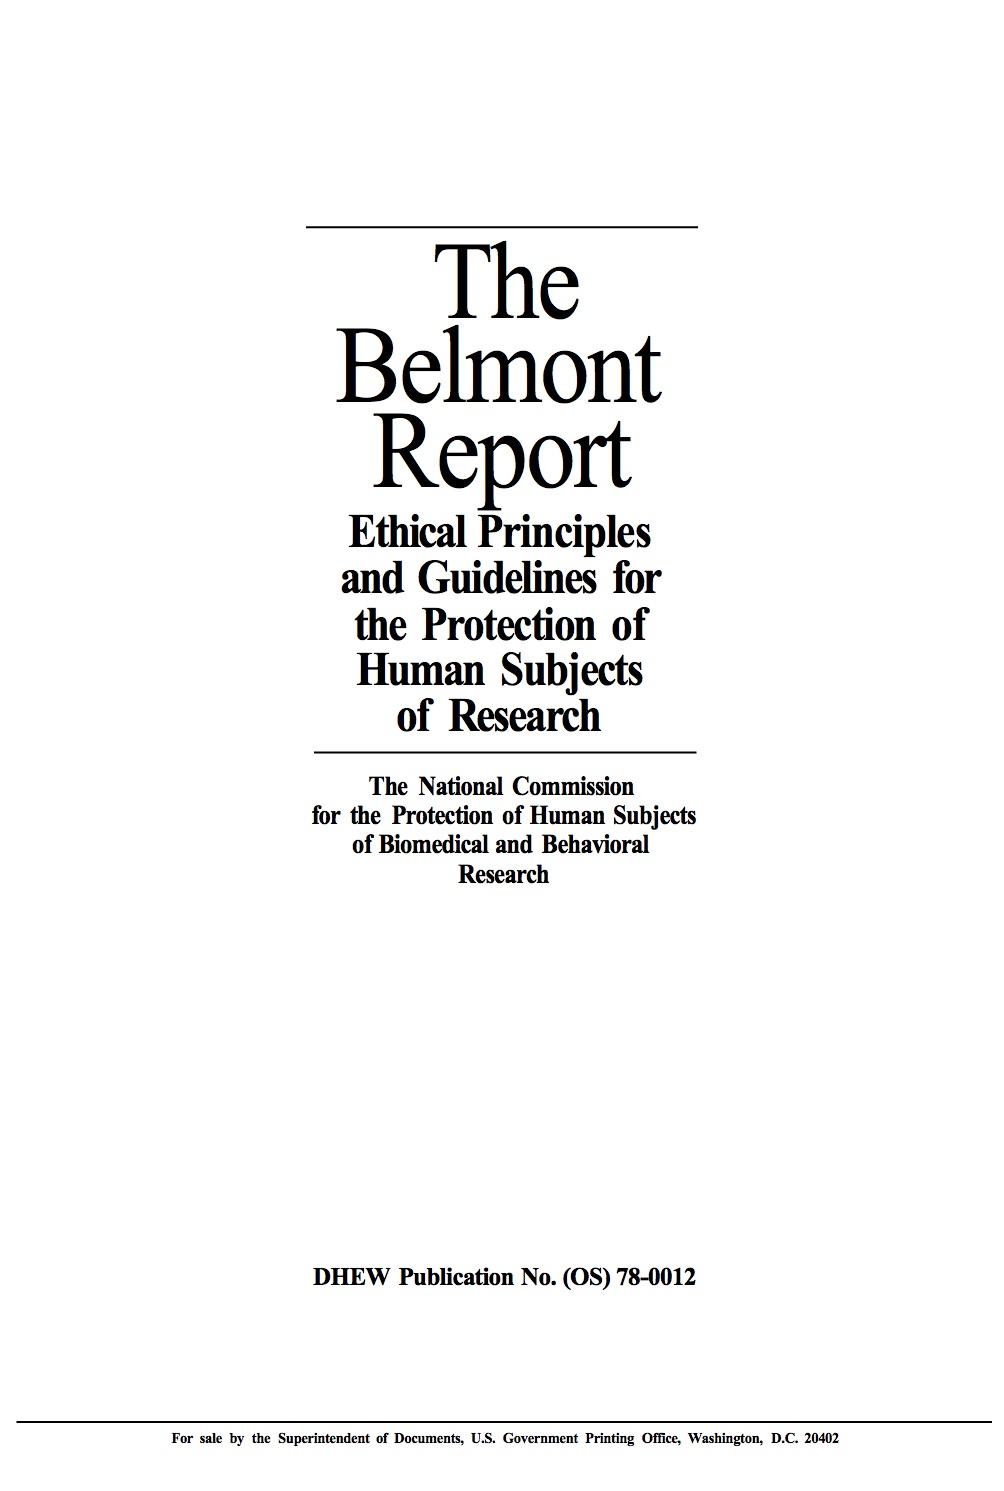 apa book report